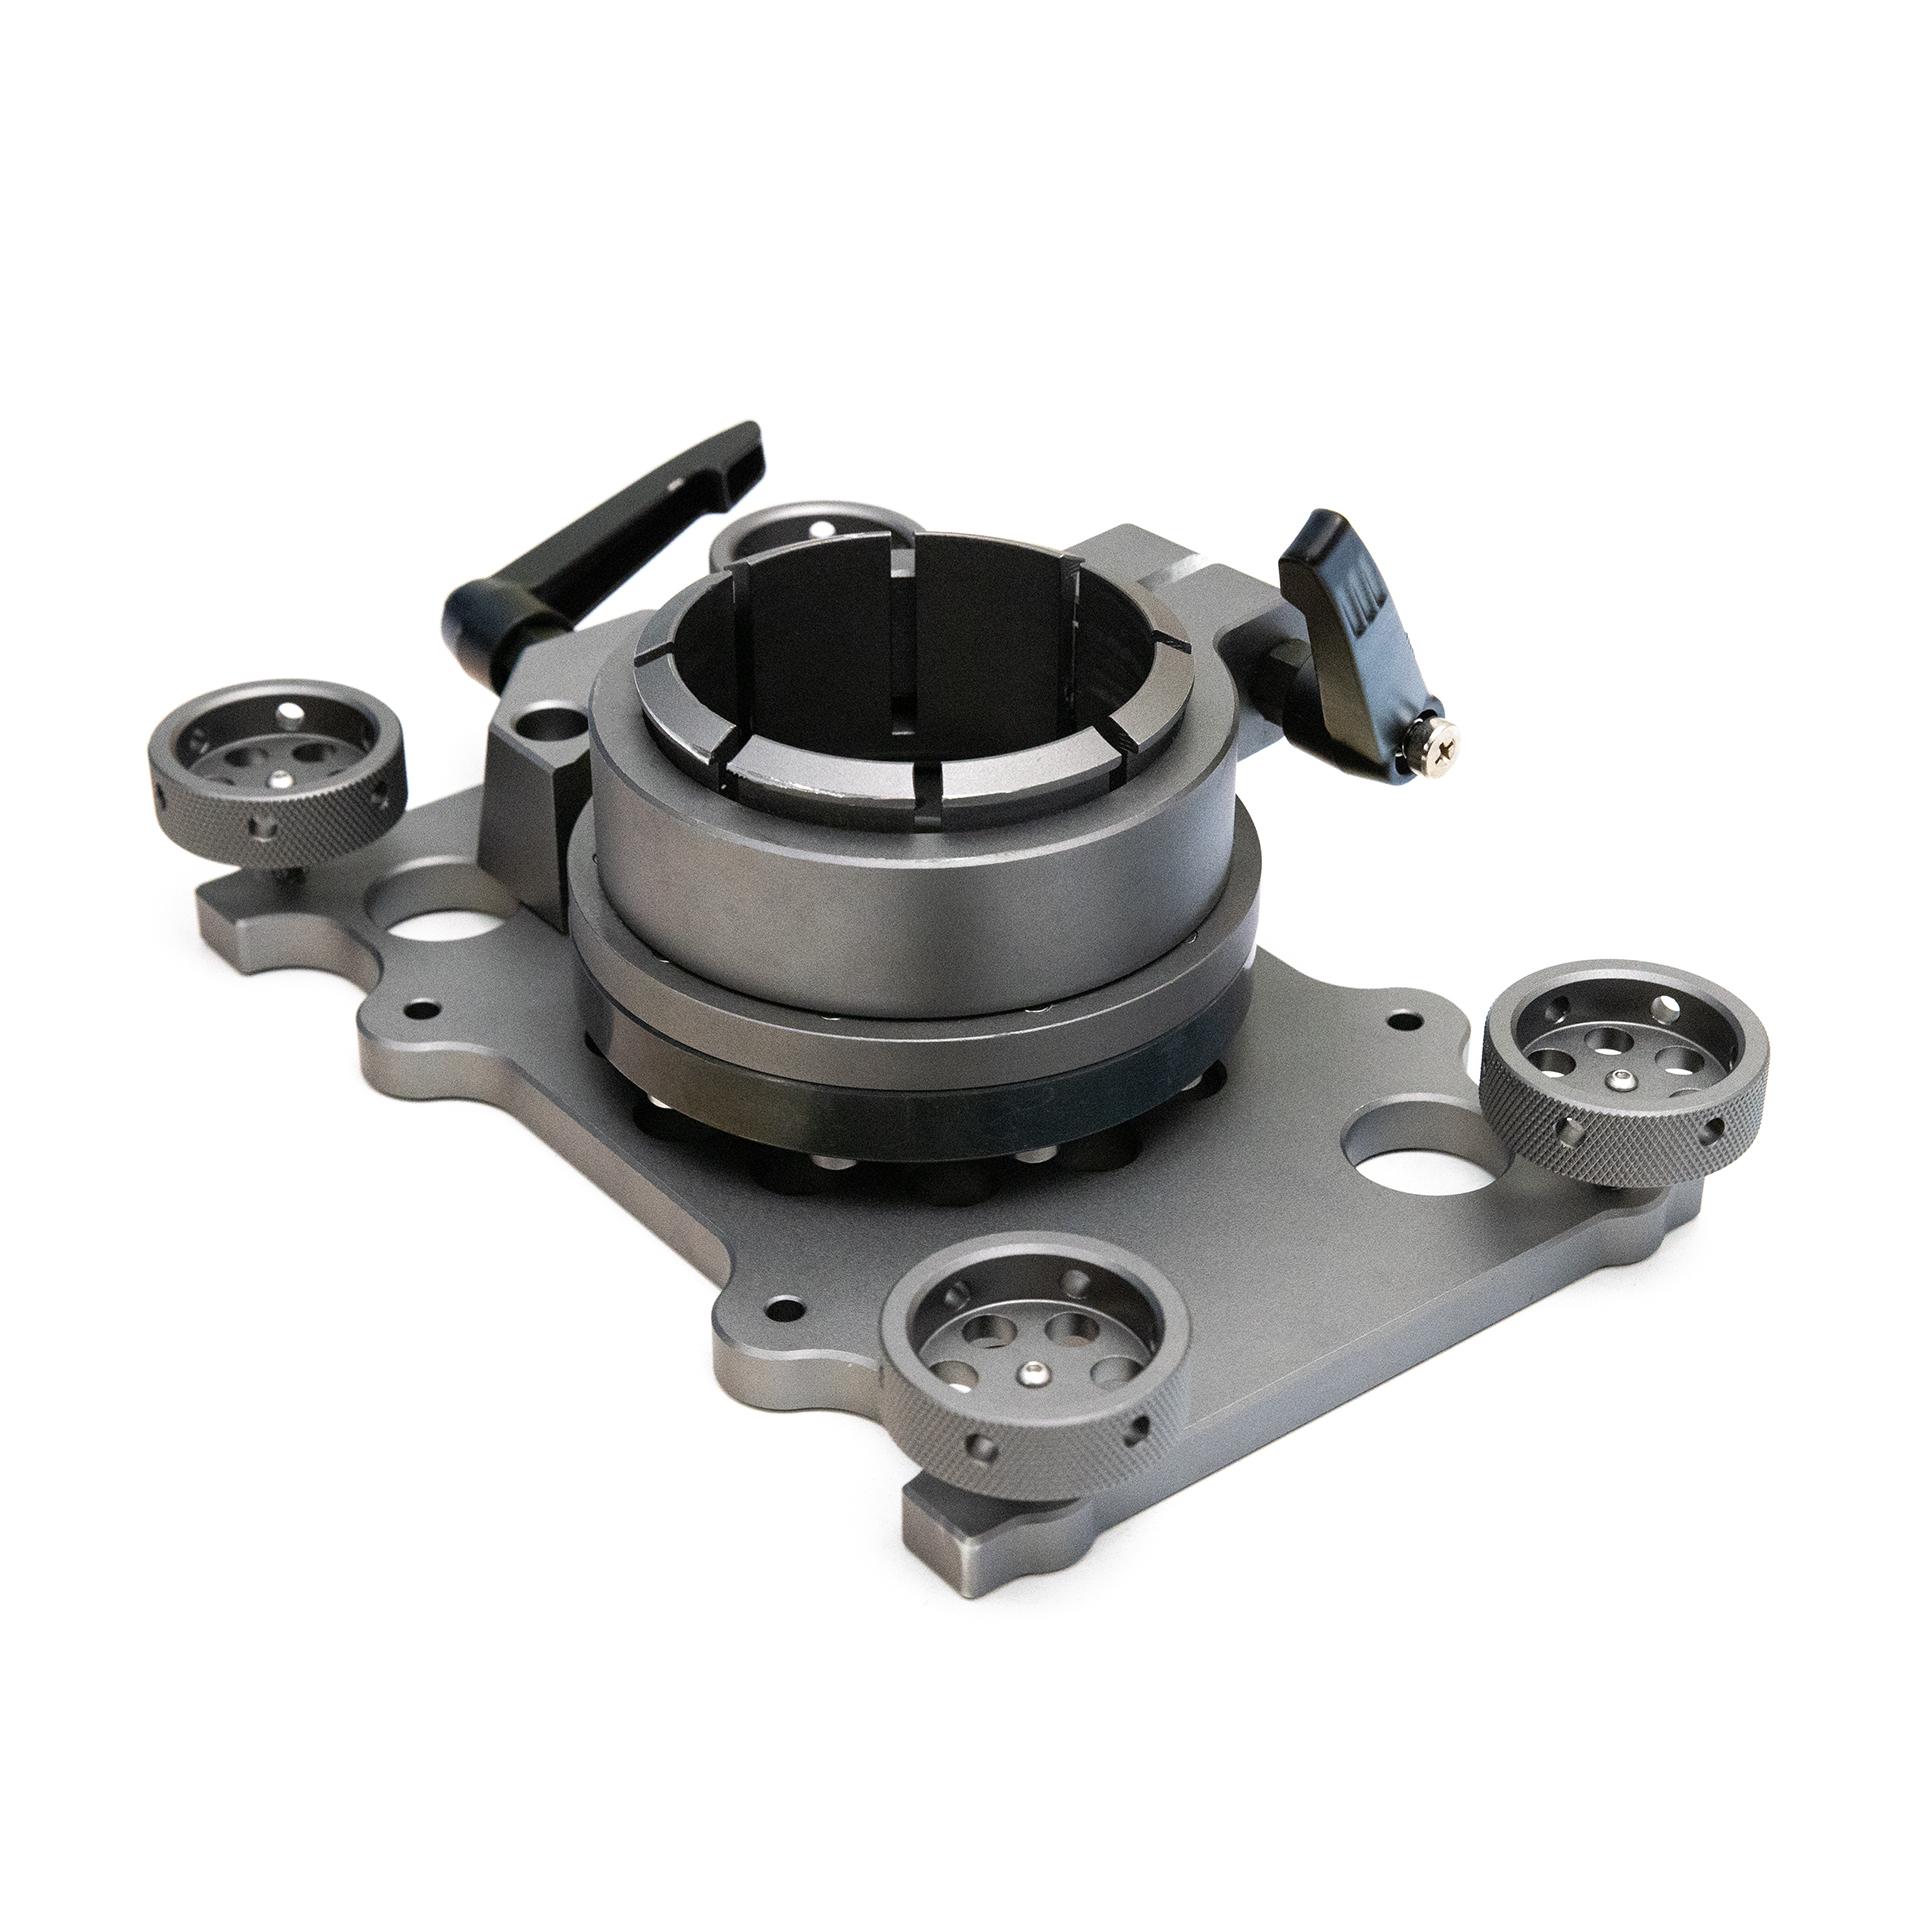 360° Multi-Function Adapter for Slider (M8)